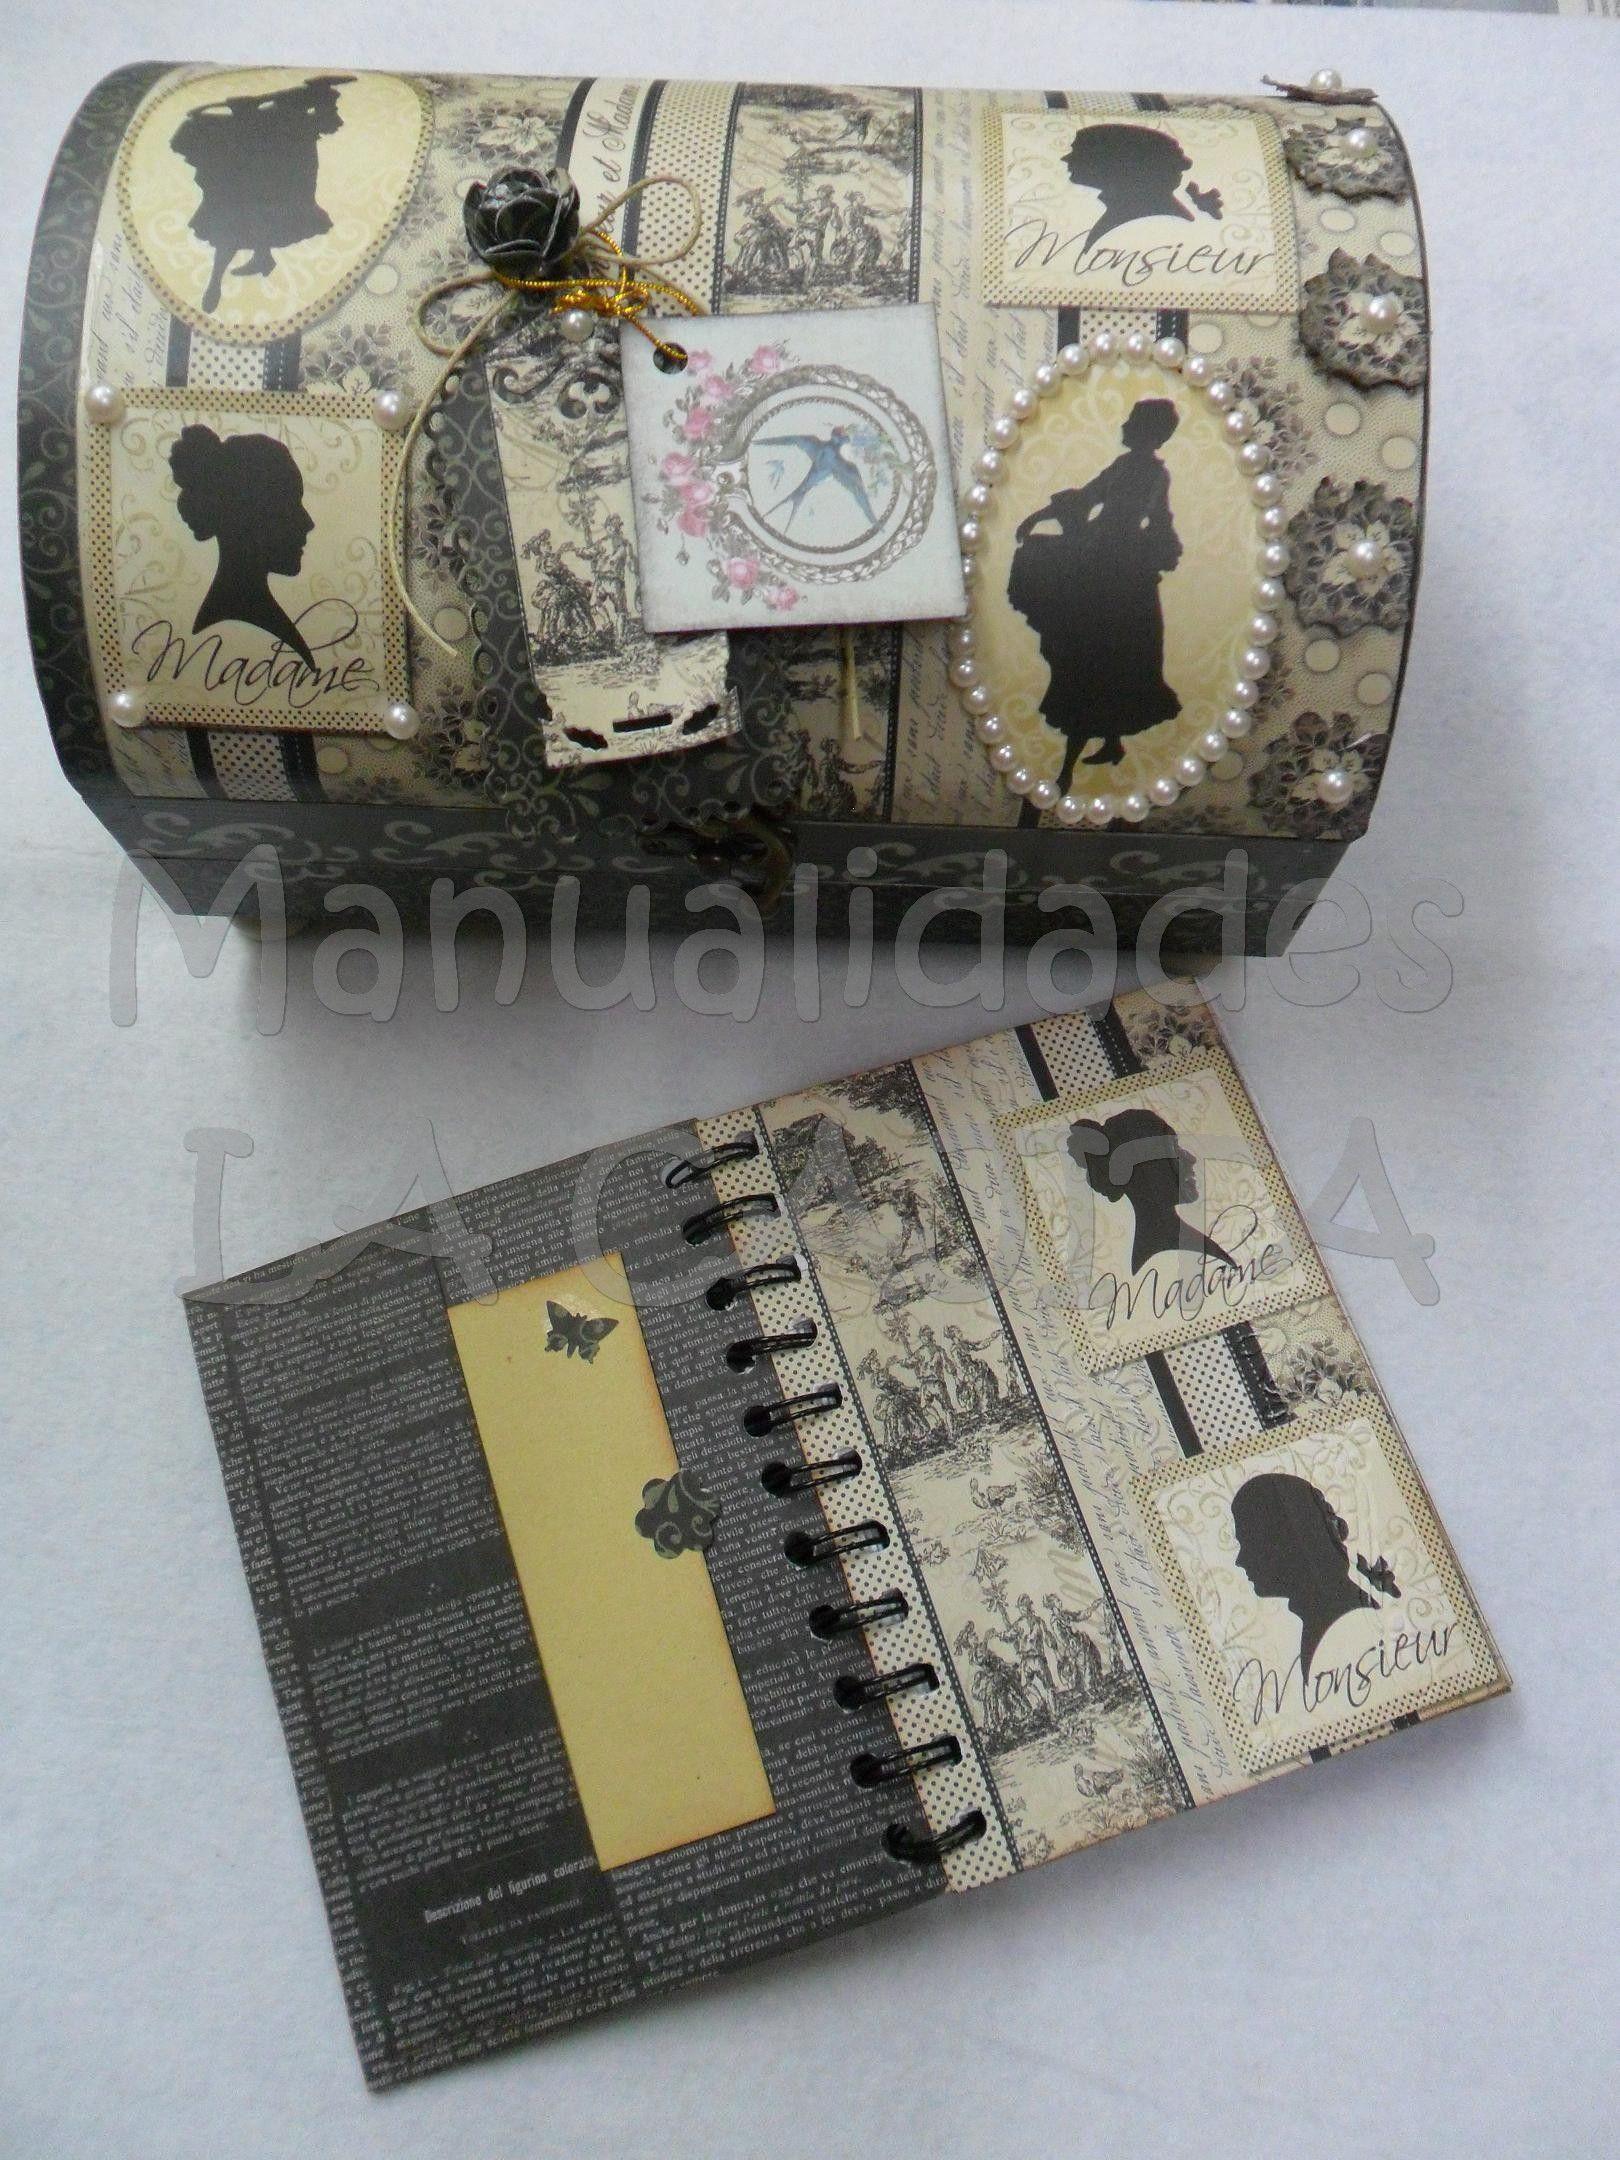 Baulito de madera decorado con agenda a juego. Decorado con pintura Chalk tiza, papel de scrap doble cara y accesorios de perlitas, relieves, filigranas y estarcidos.